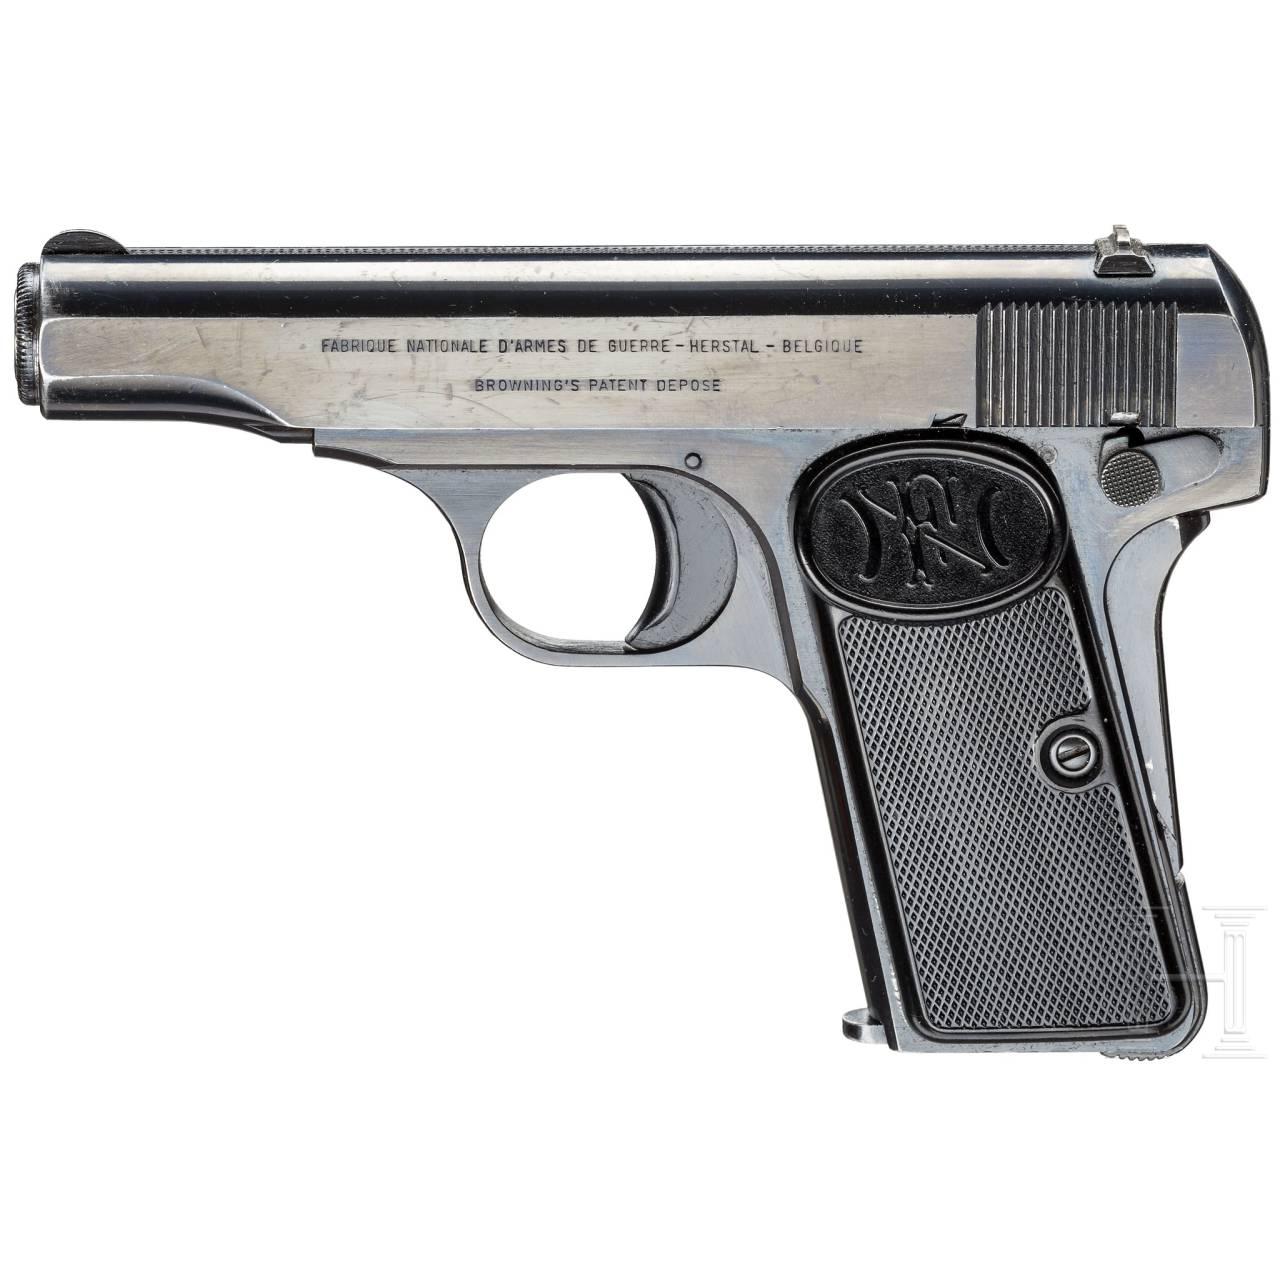 Niederlande - FN Mod. 115